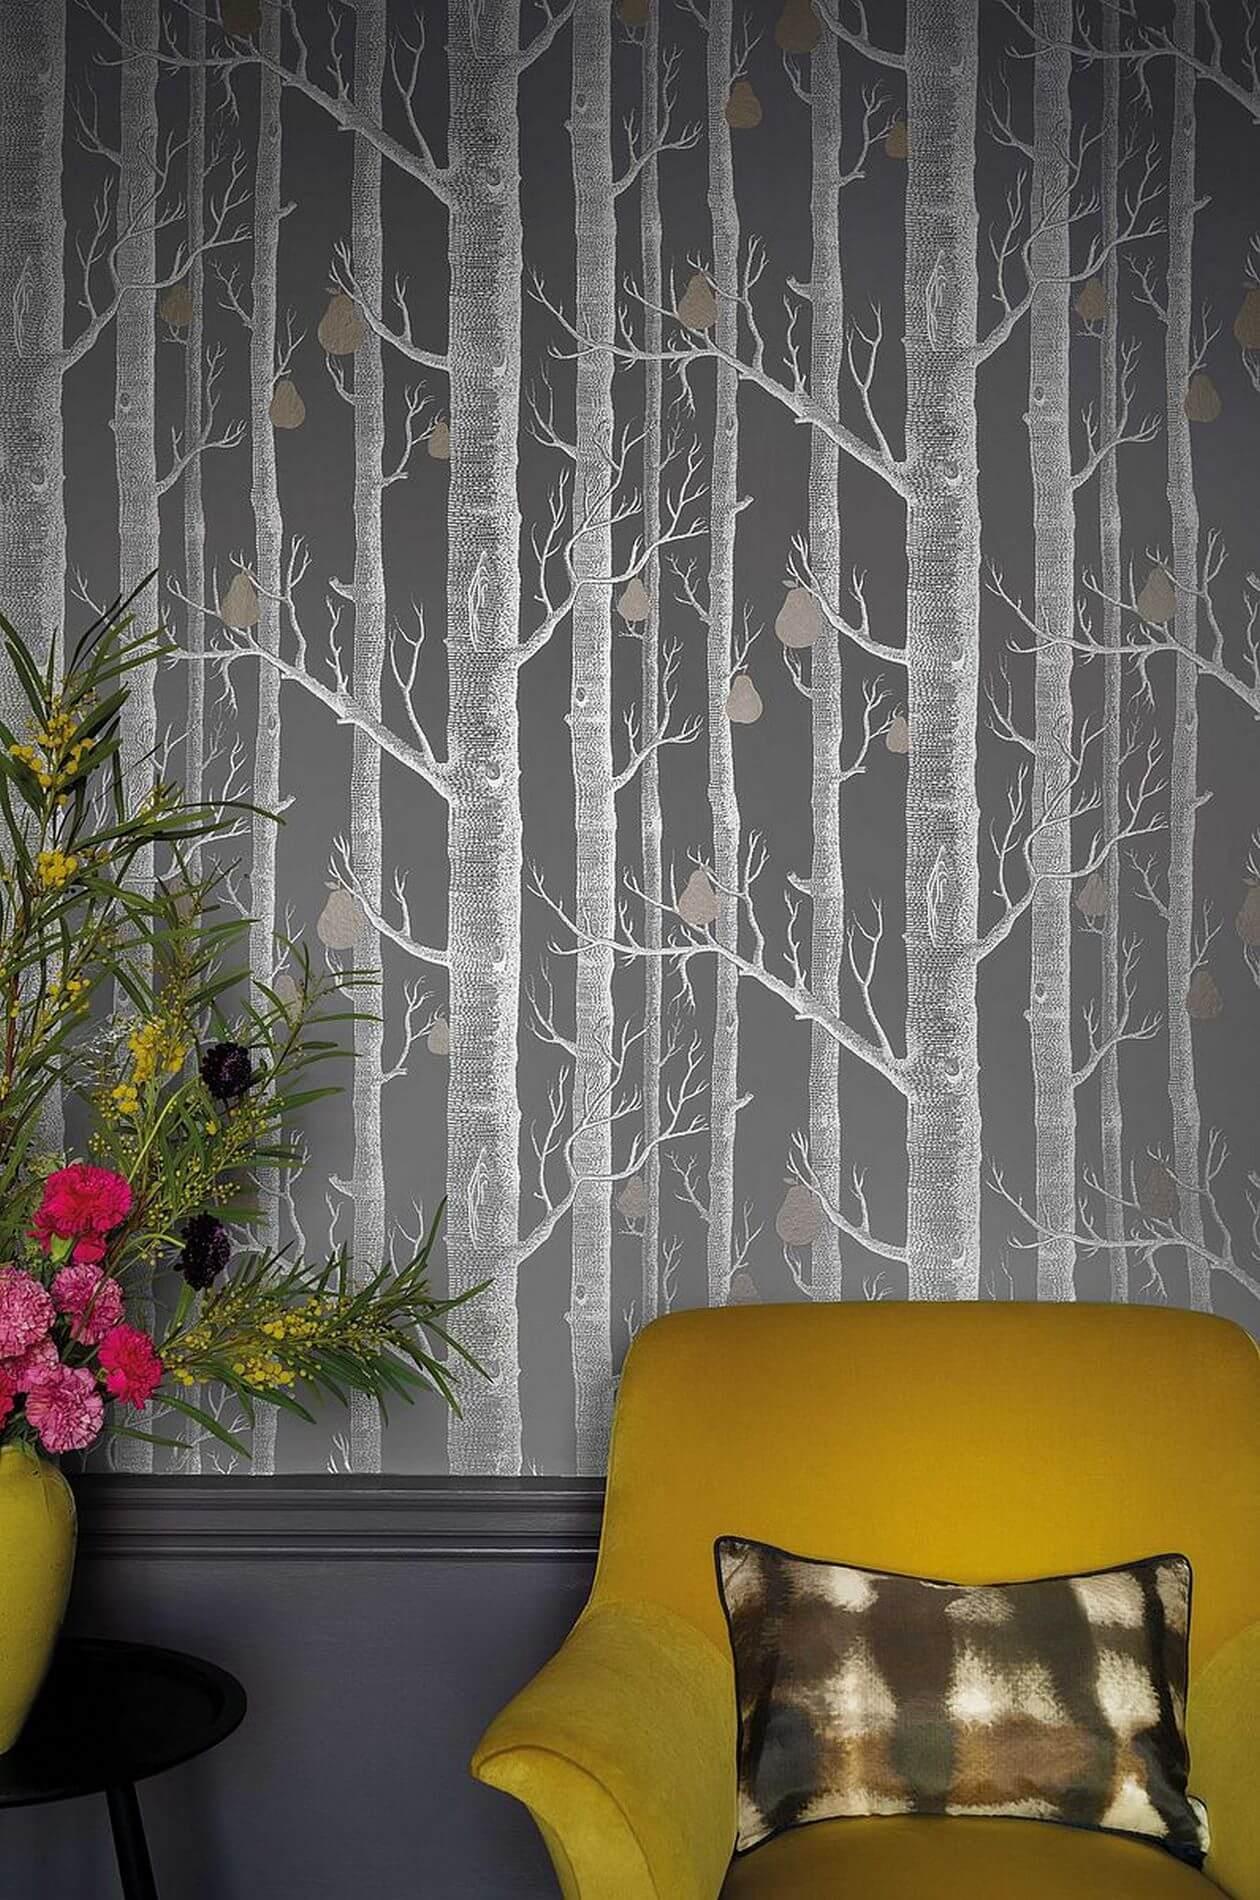 Tapeta z brzozami i gruszkami do nowoczesnych wnętrz aranżacje Cole & Son Contemporary Restyled Woods & Pears 95/5030